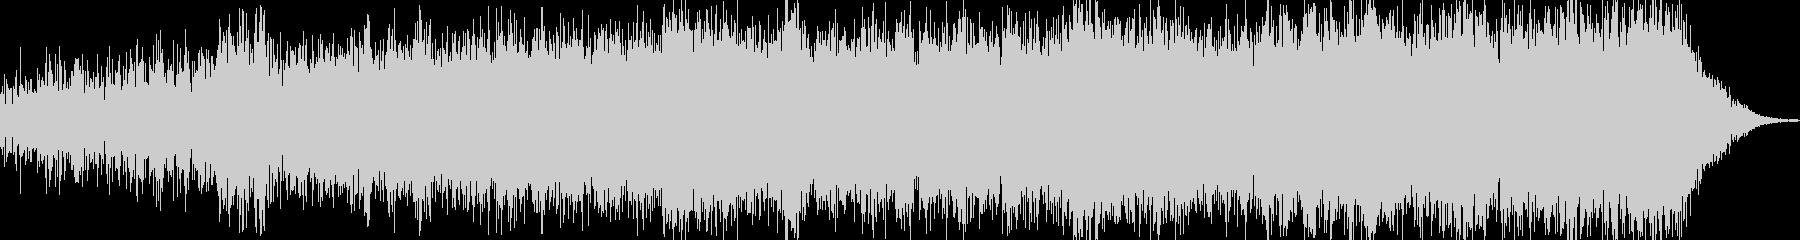 スターシップワープドライブアクセラ...の未再生の波形